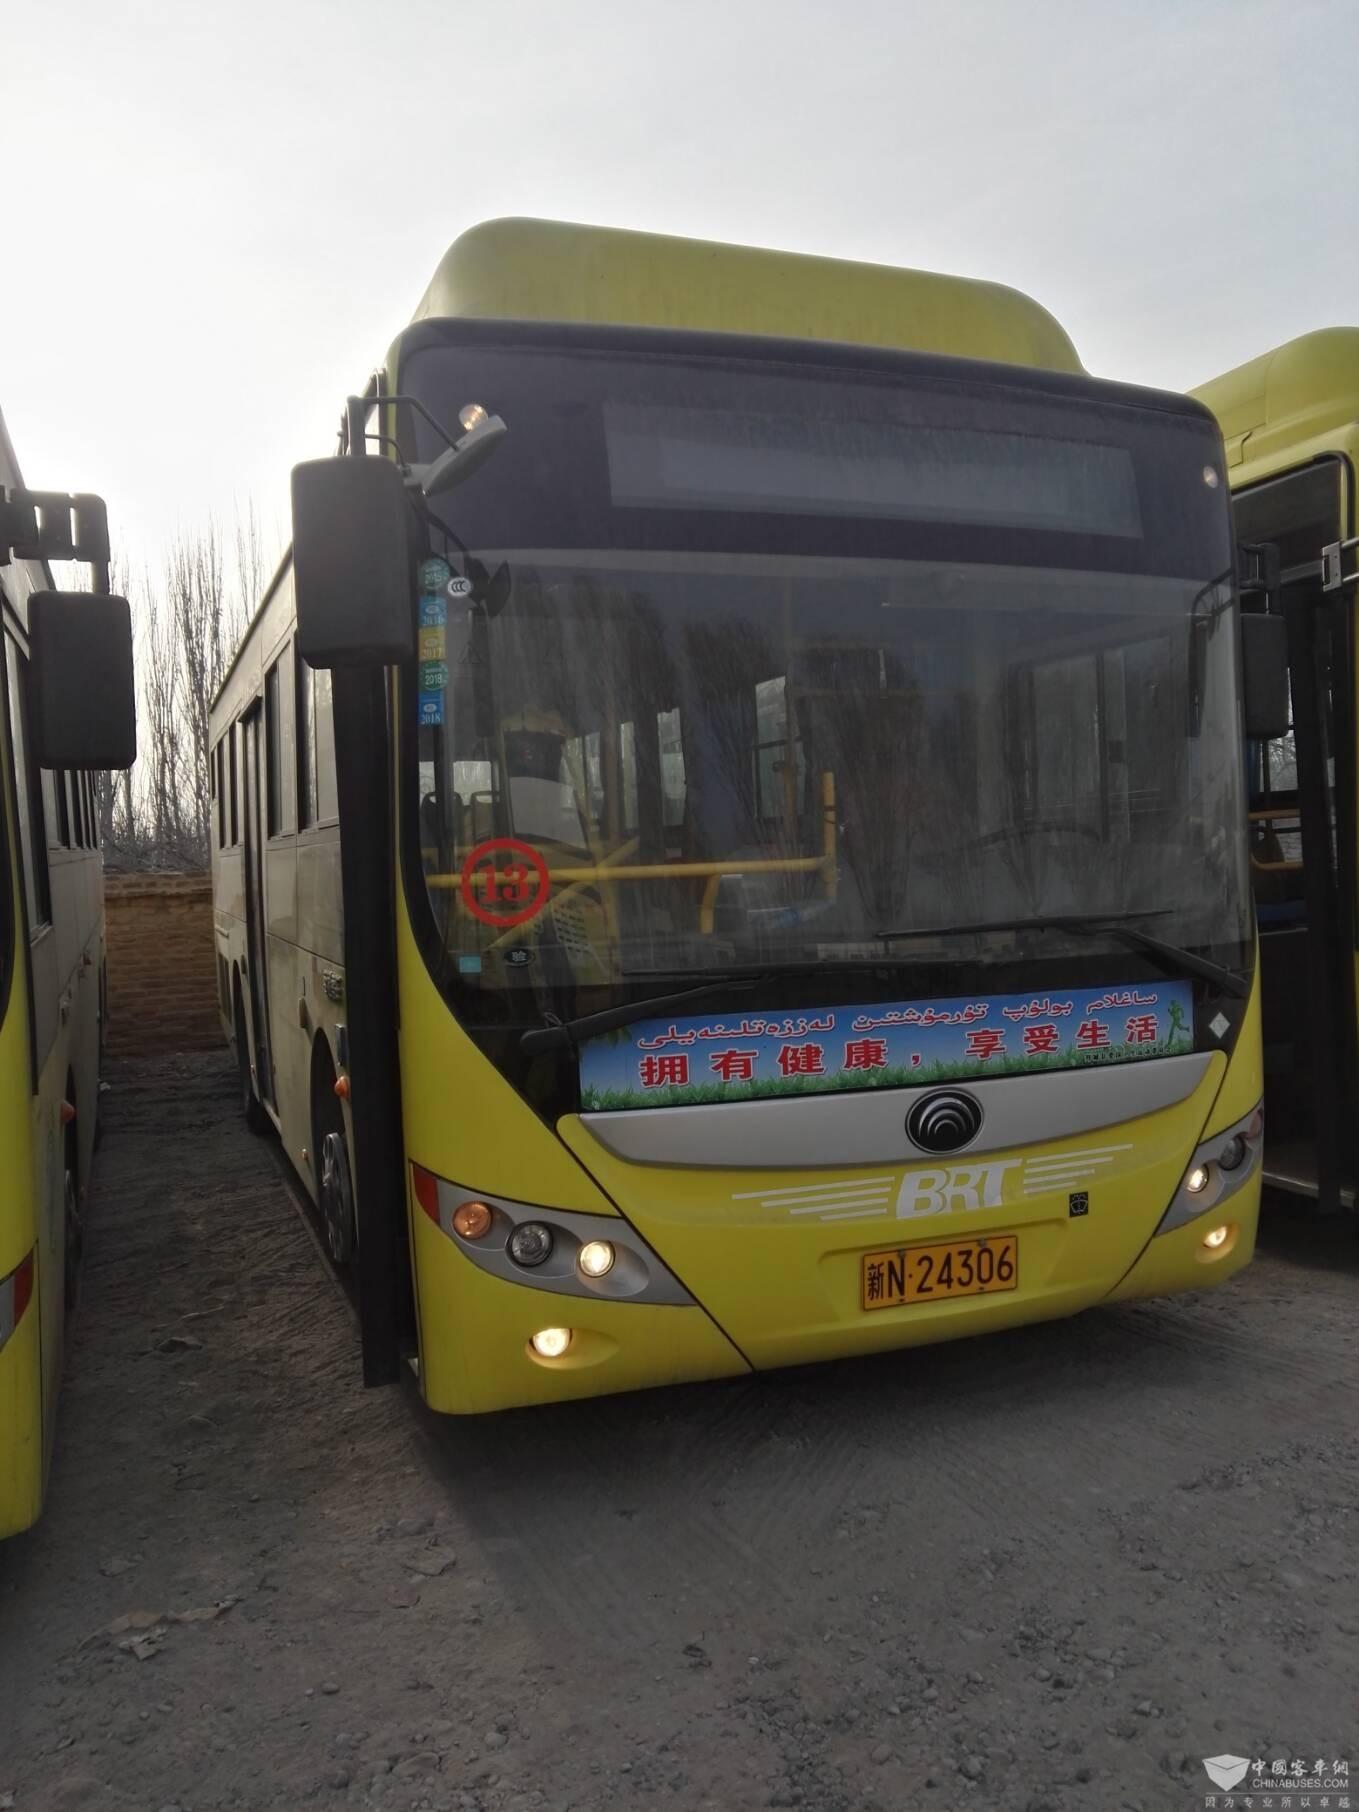 宇通公交车,质量好,成色新,价格优惠,26万每台,您值得拥有